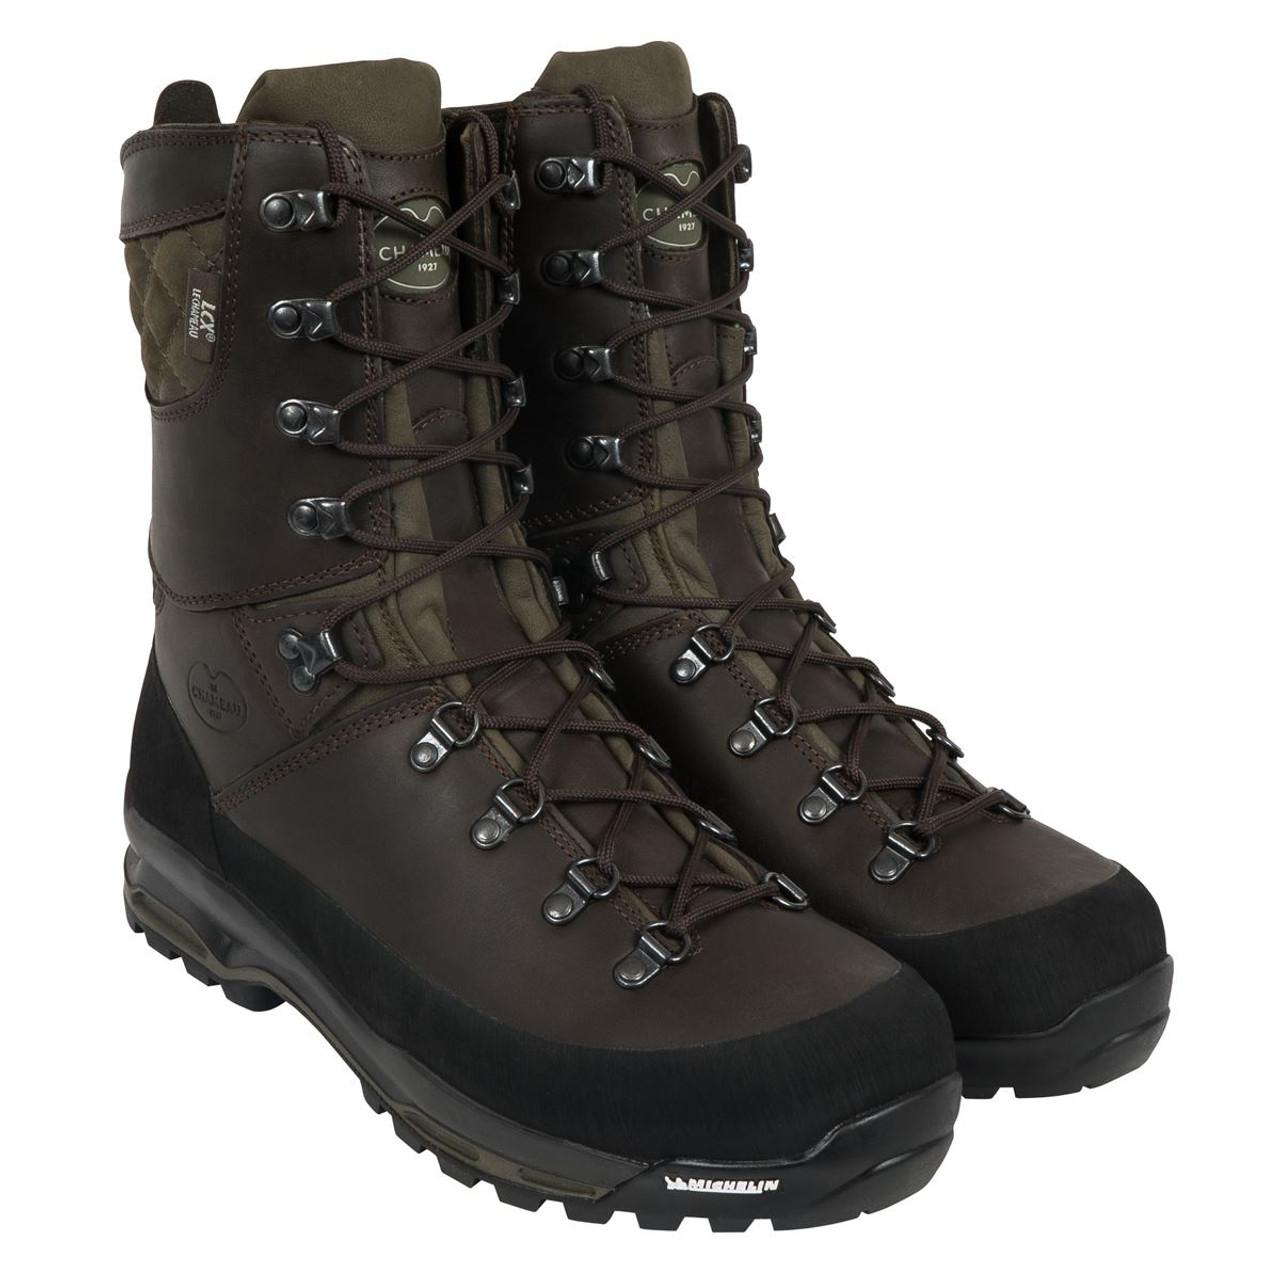 Le Chameau Chameau-Lite Boots